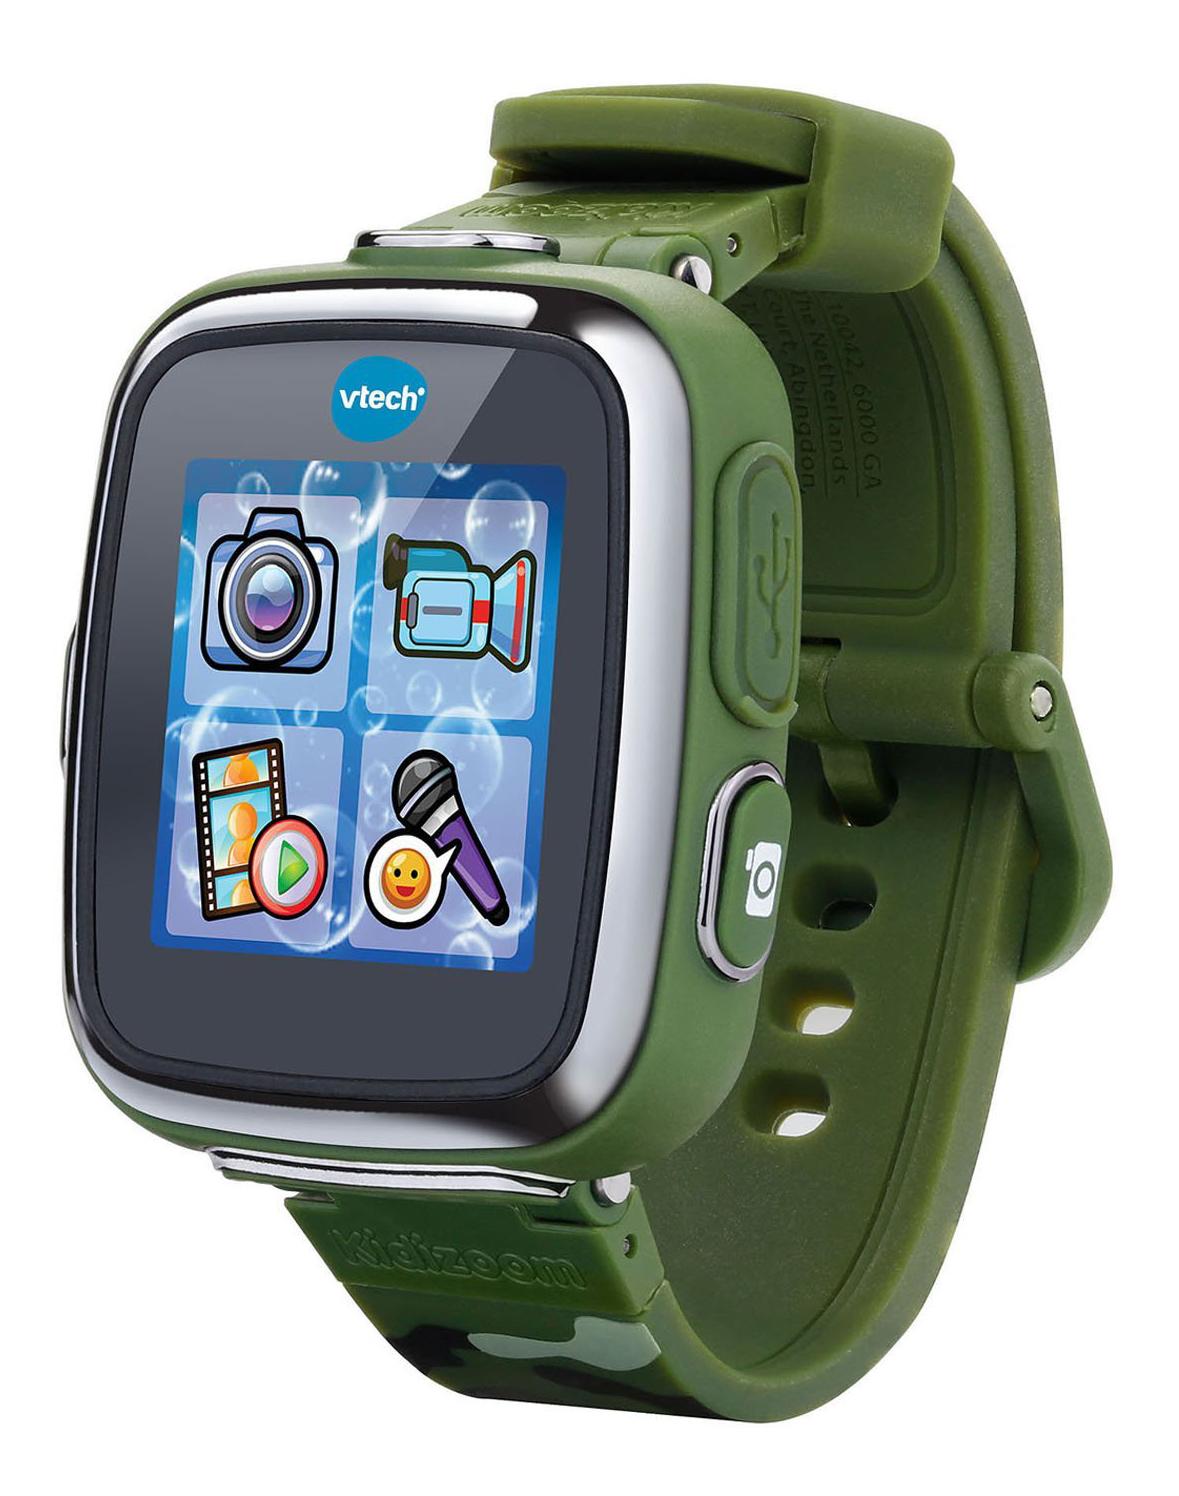 Наручные часы Vtech Kidizoom Smartwatch DX камуфляжные 80-171673 фото